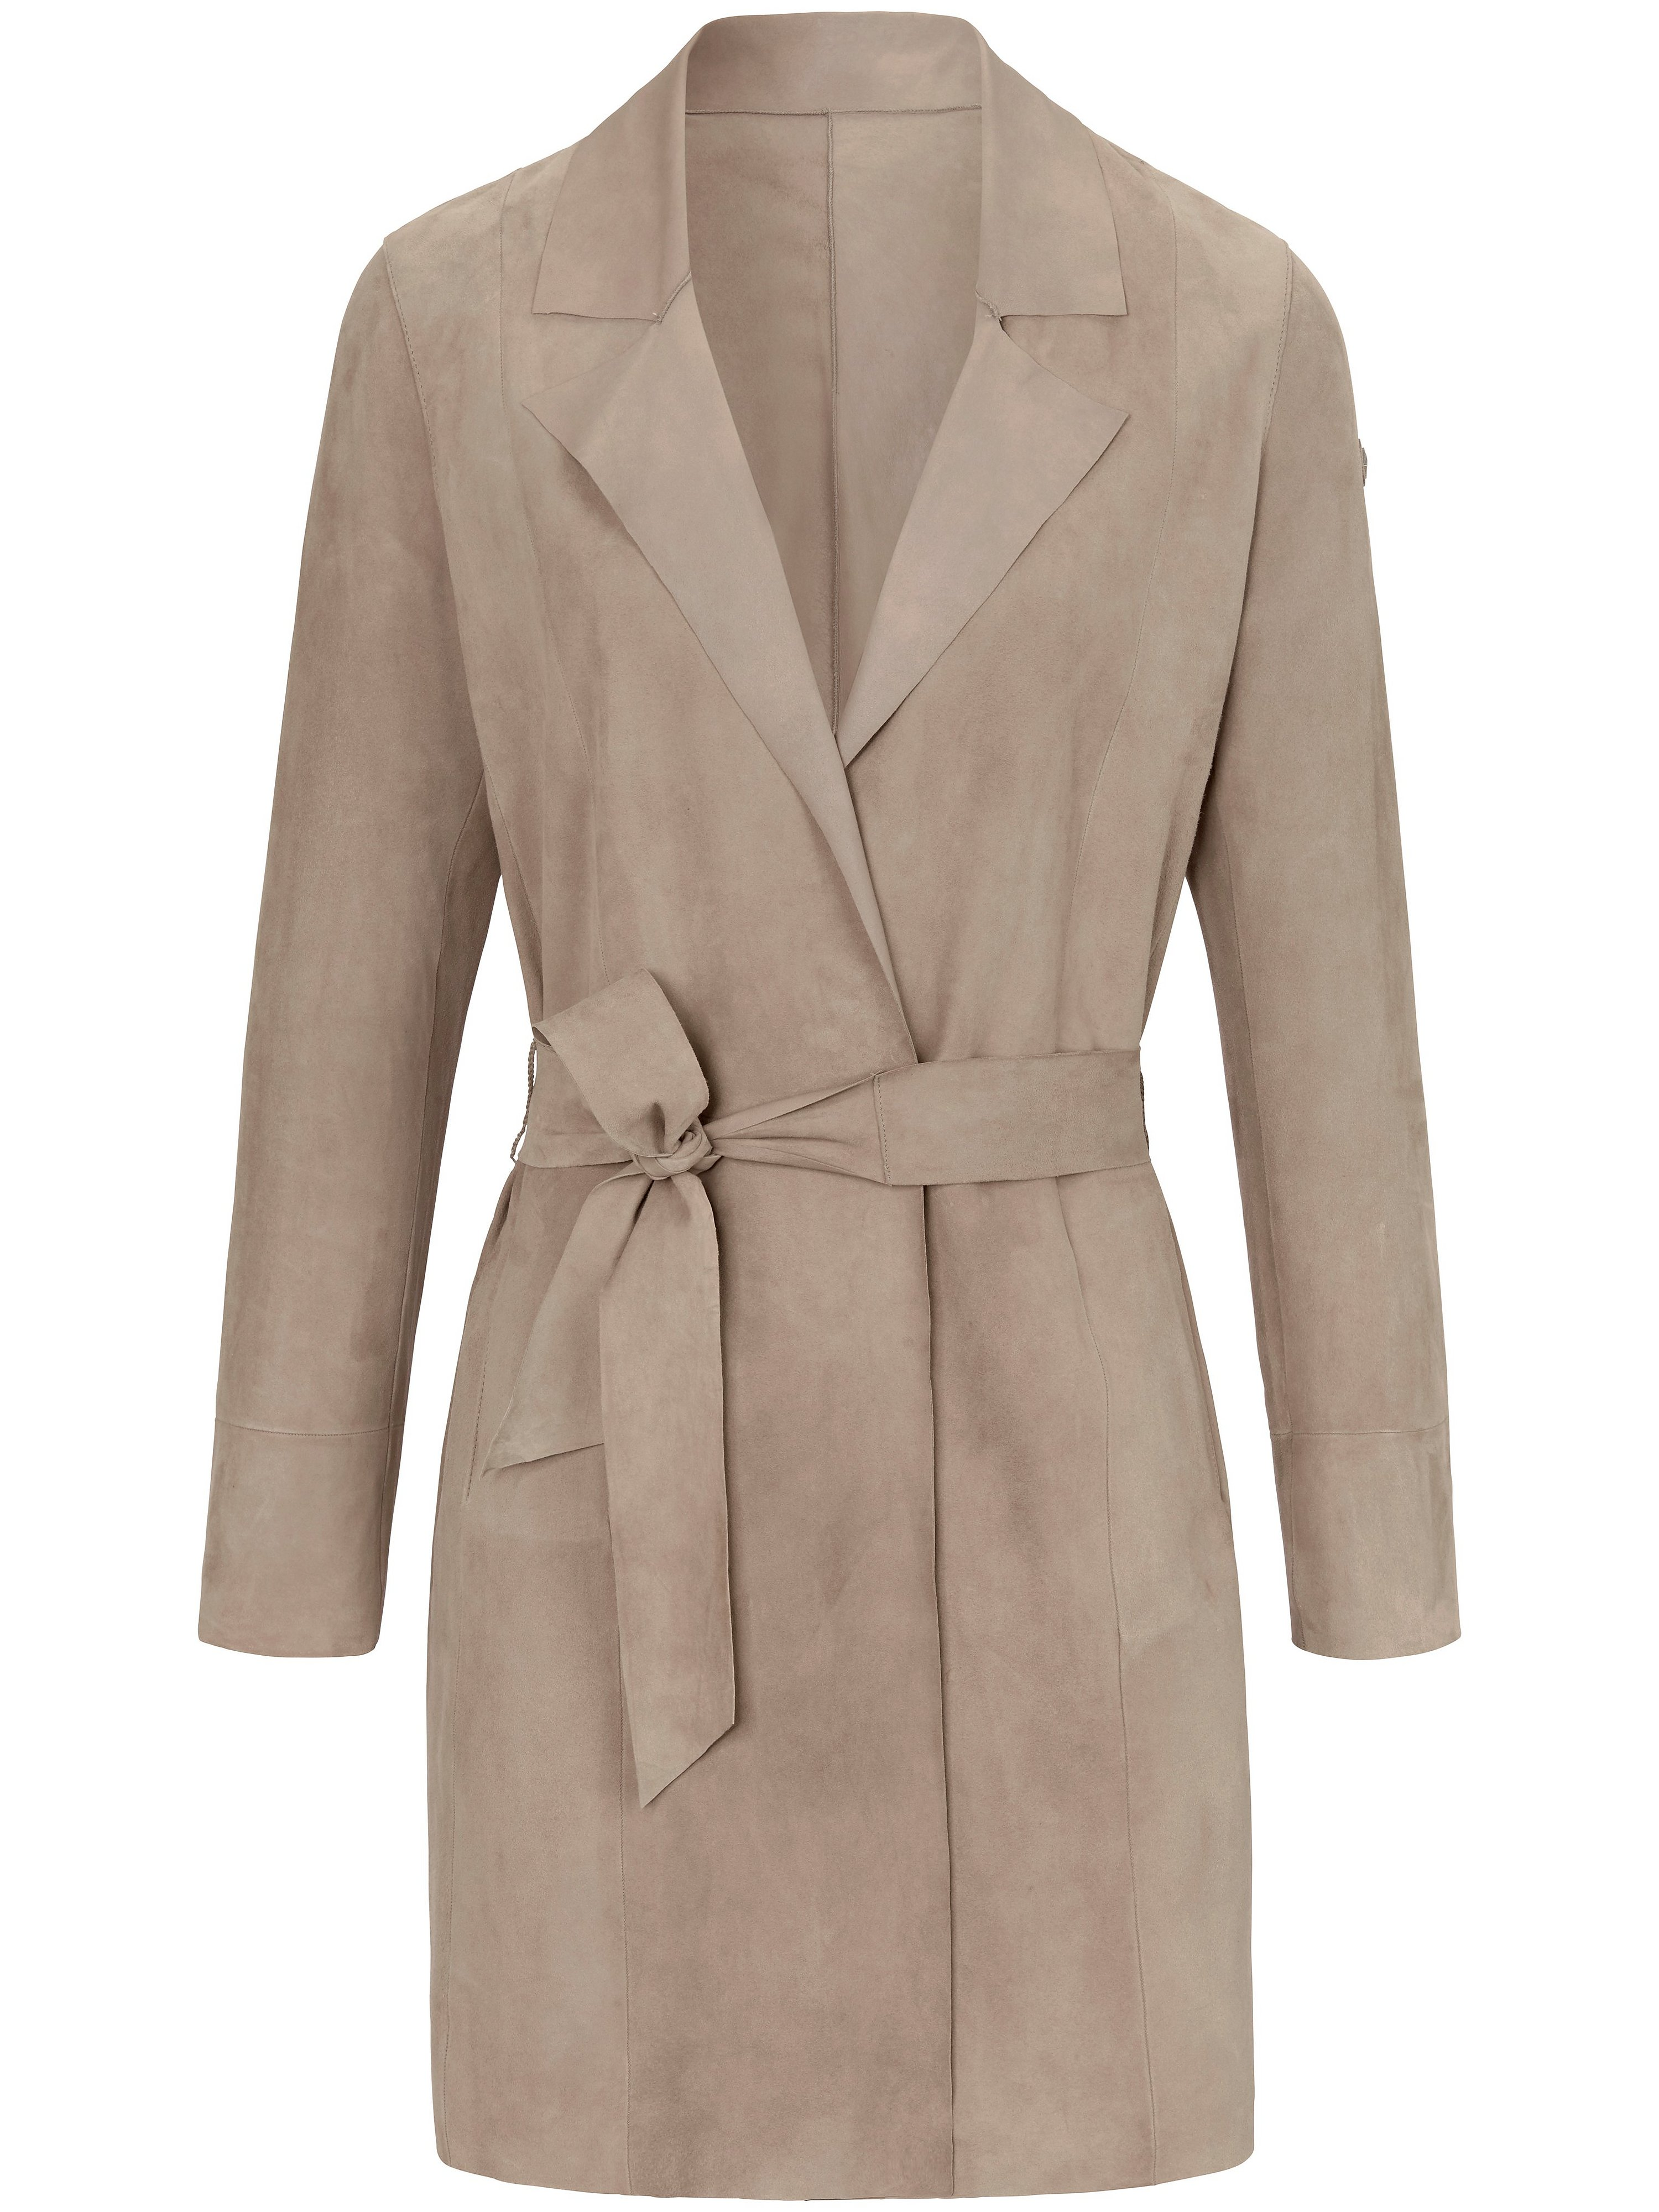 Le manteau court cuir  Milestone beige taille 40